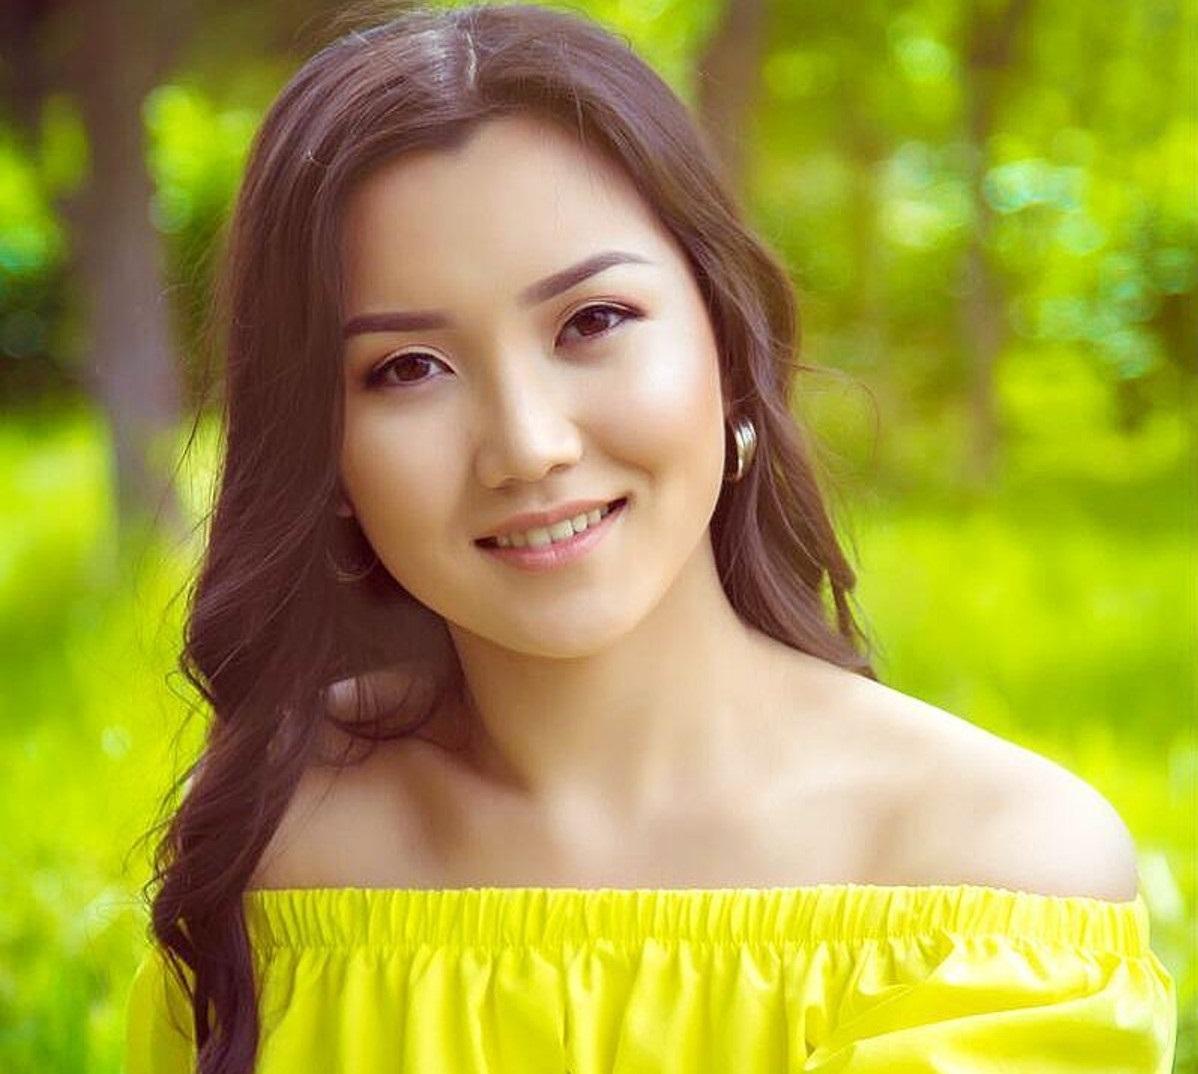 kirgizka-devushka-na-foto-plyazh-gde-nikto-ne-stesnyaetsya-bit-golim-video